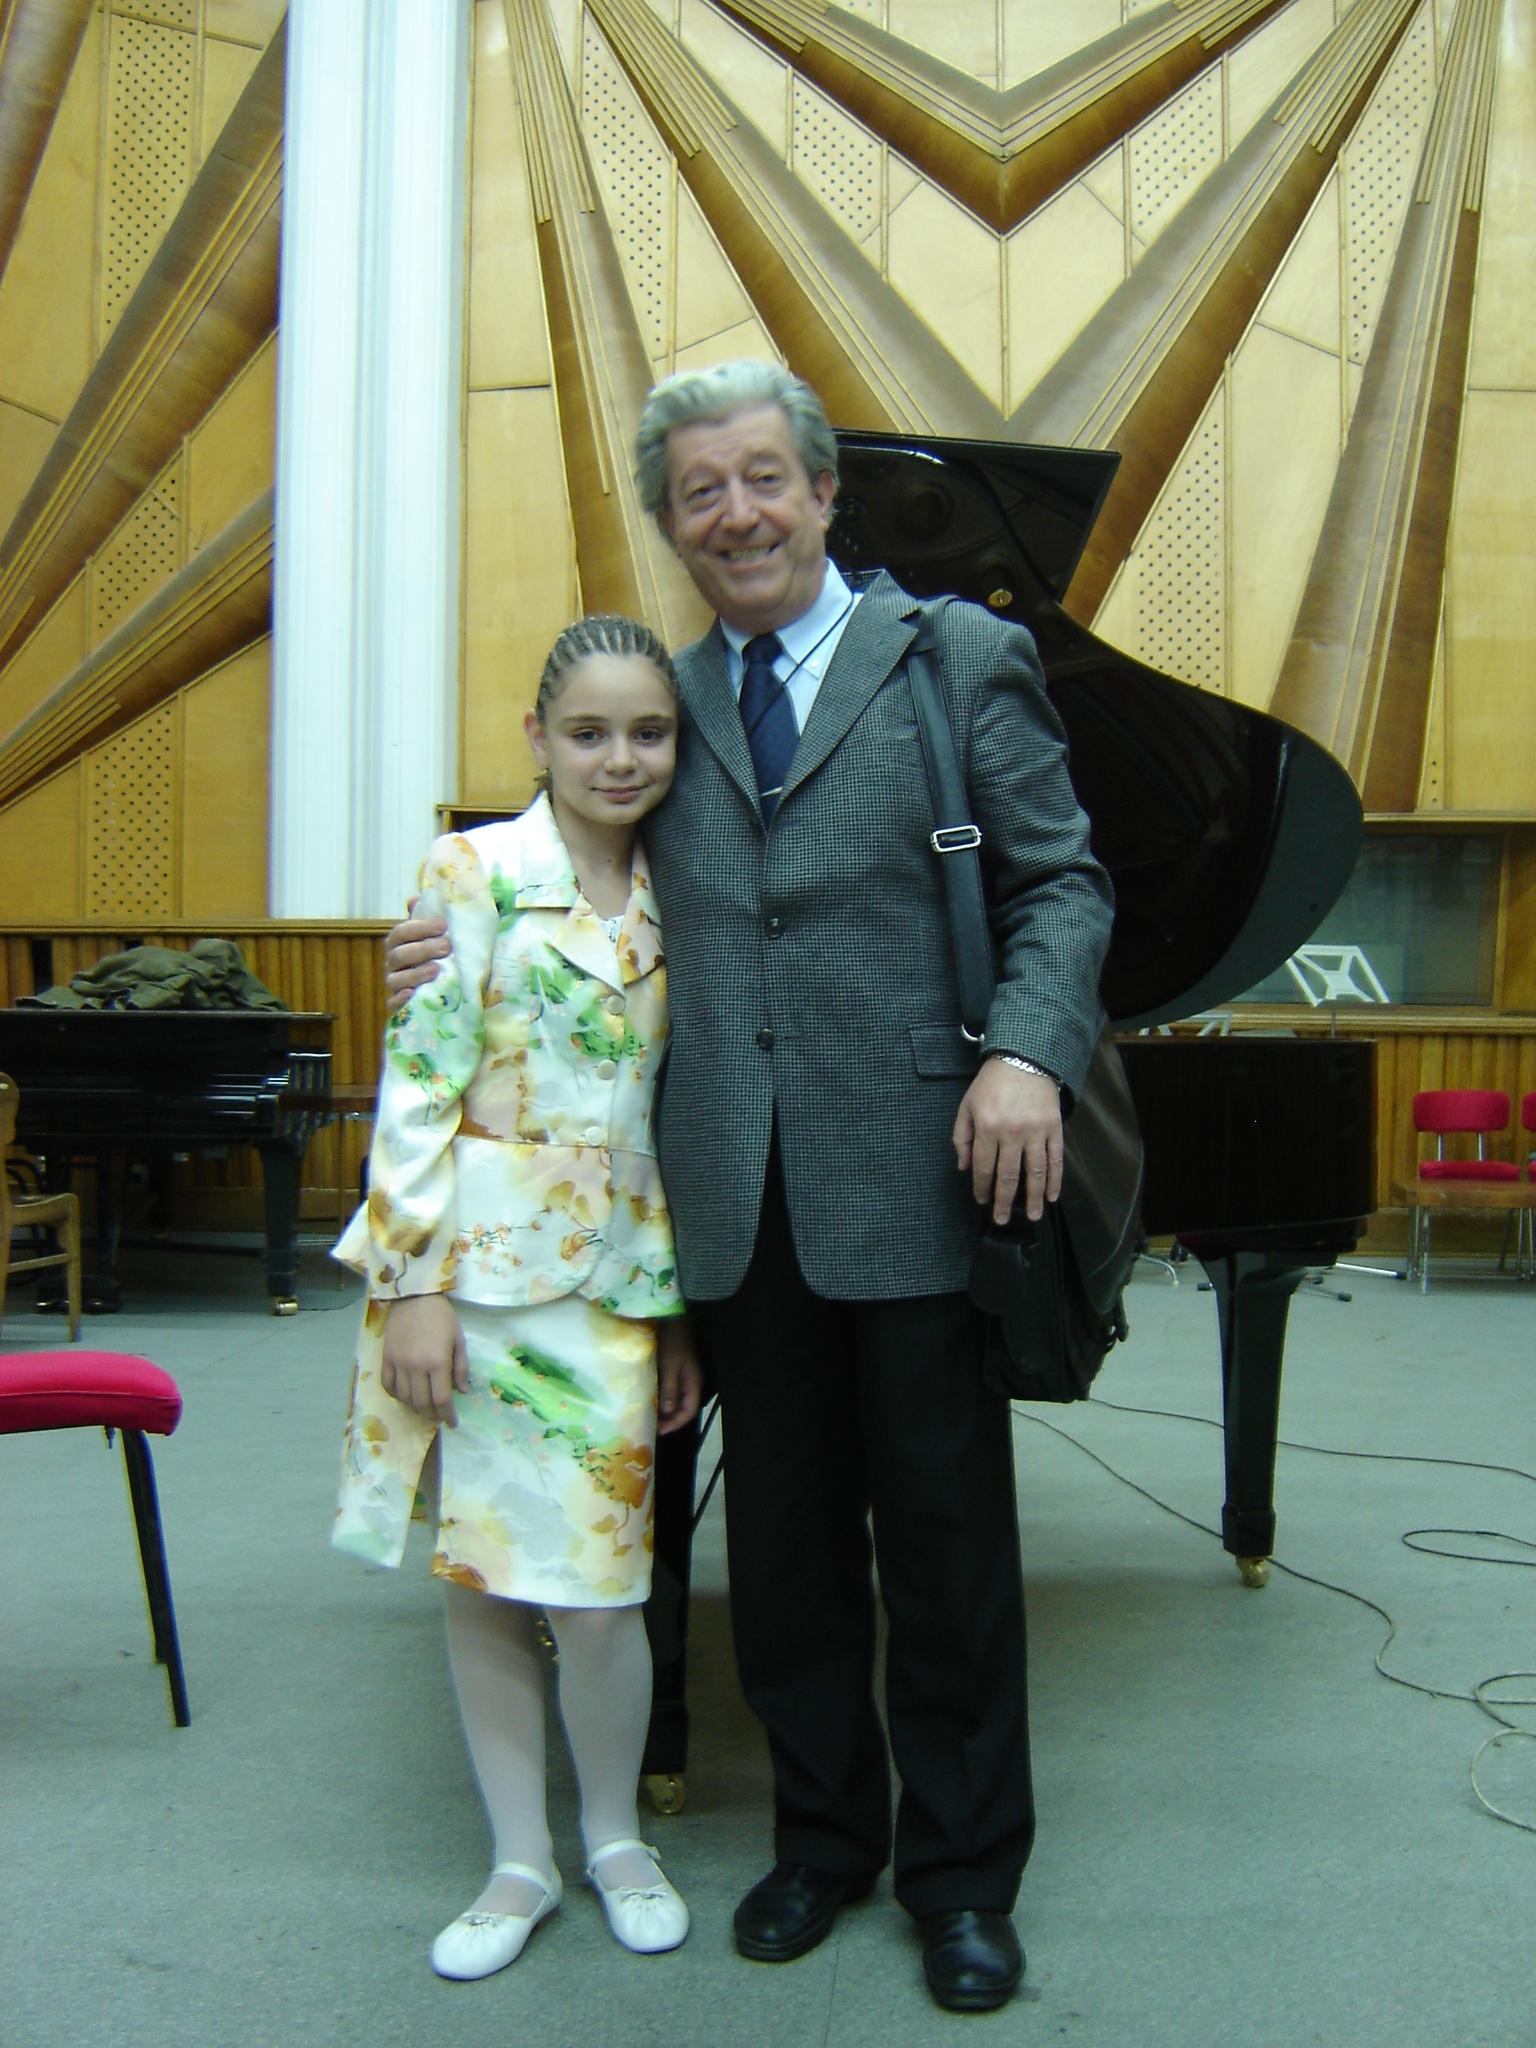 cu profesorul meu - Prof.Univ.Dr. Şerban Dimitrie Soreanu, Bucureşti 2008